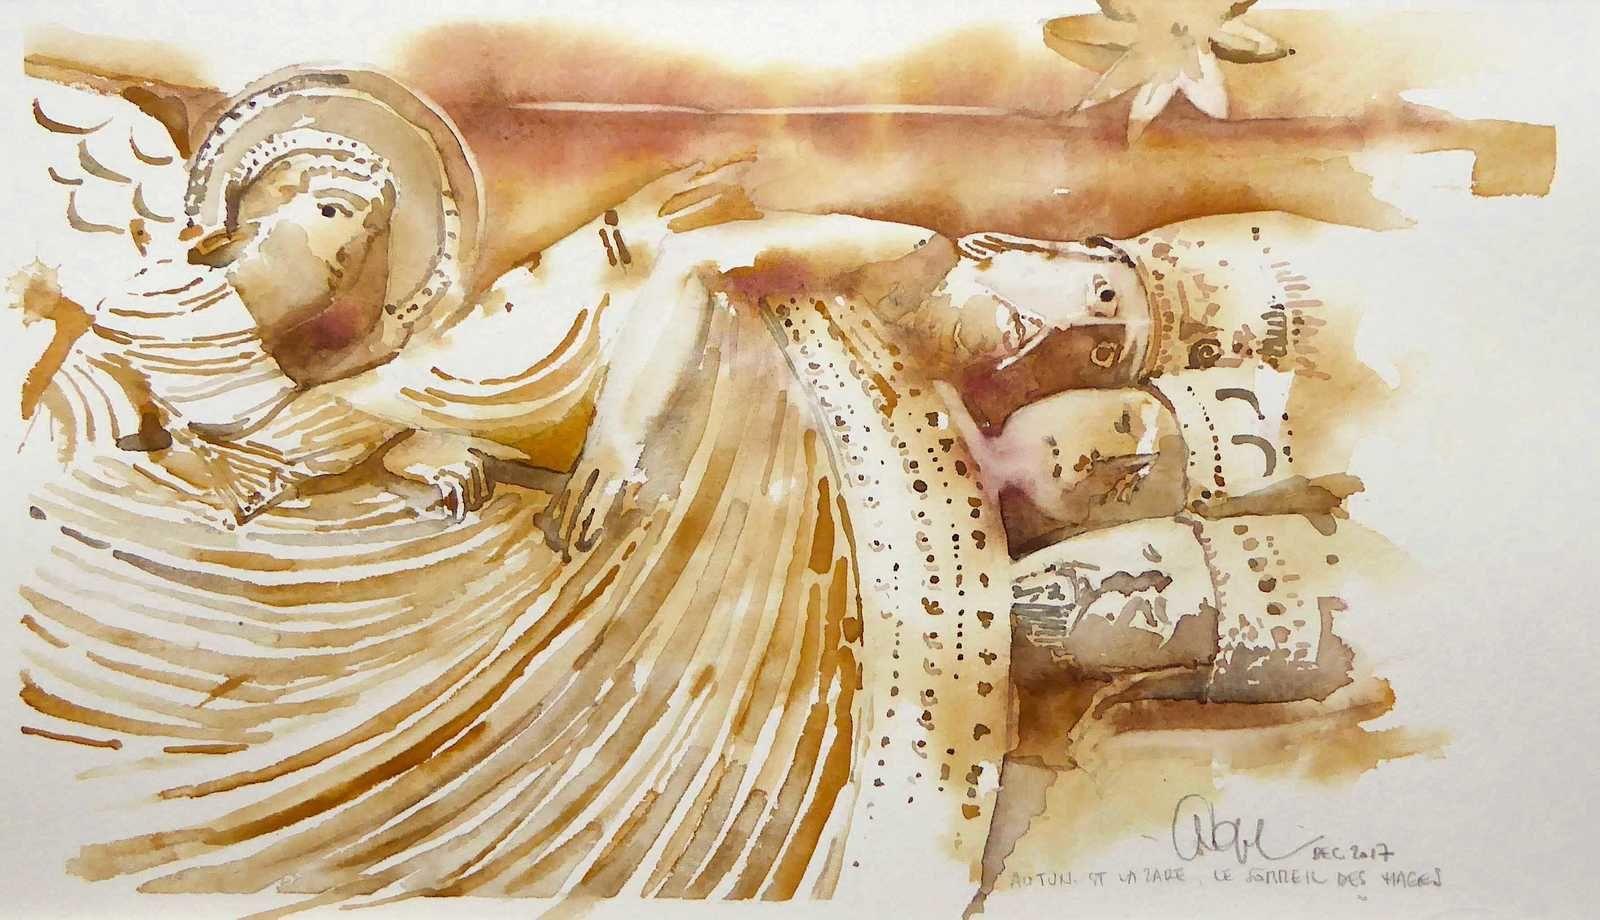 L'ange apparaît aux rois mages endormis... d'après une sculpture romane. Bonne fête de Noël à tous!